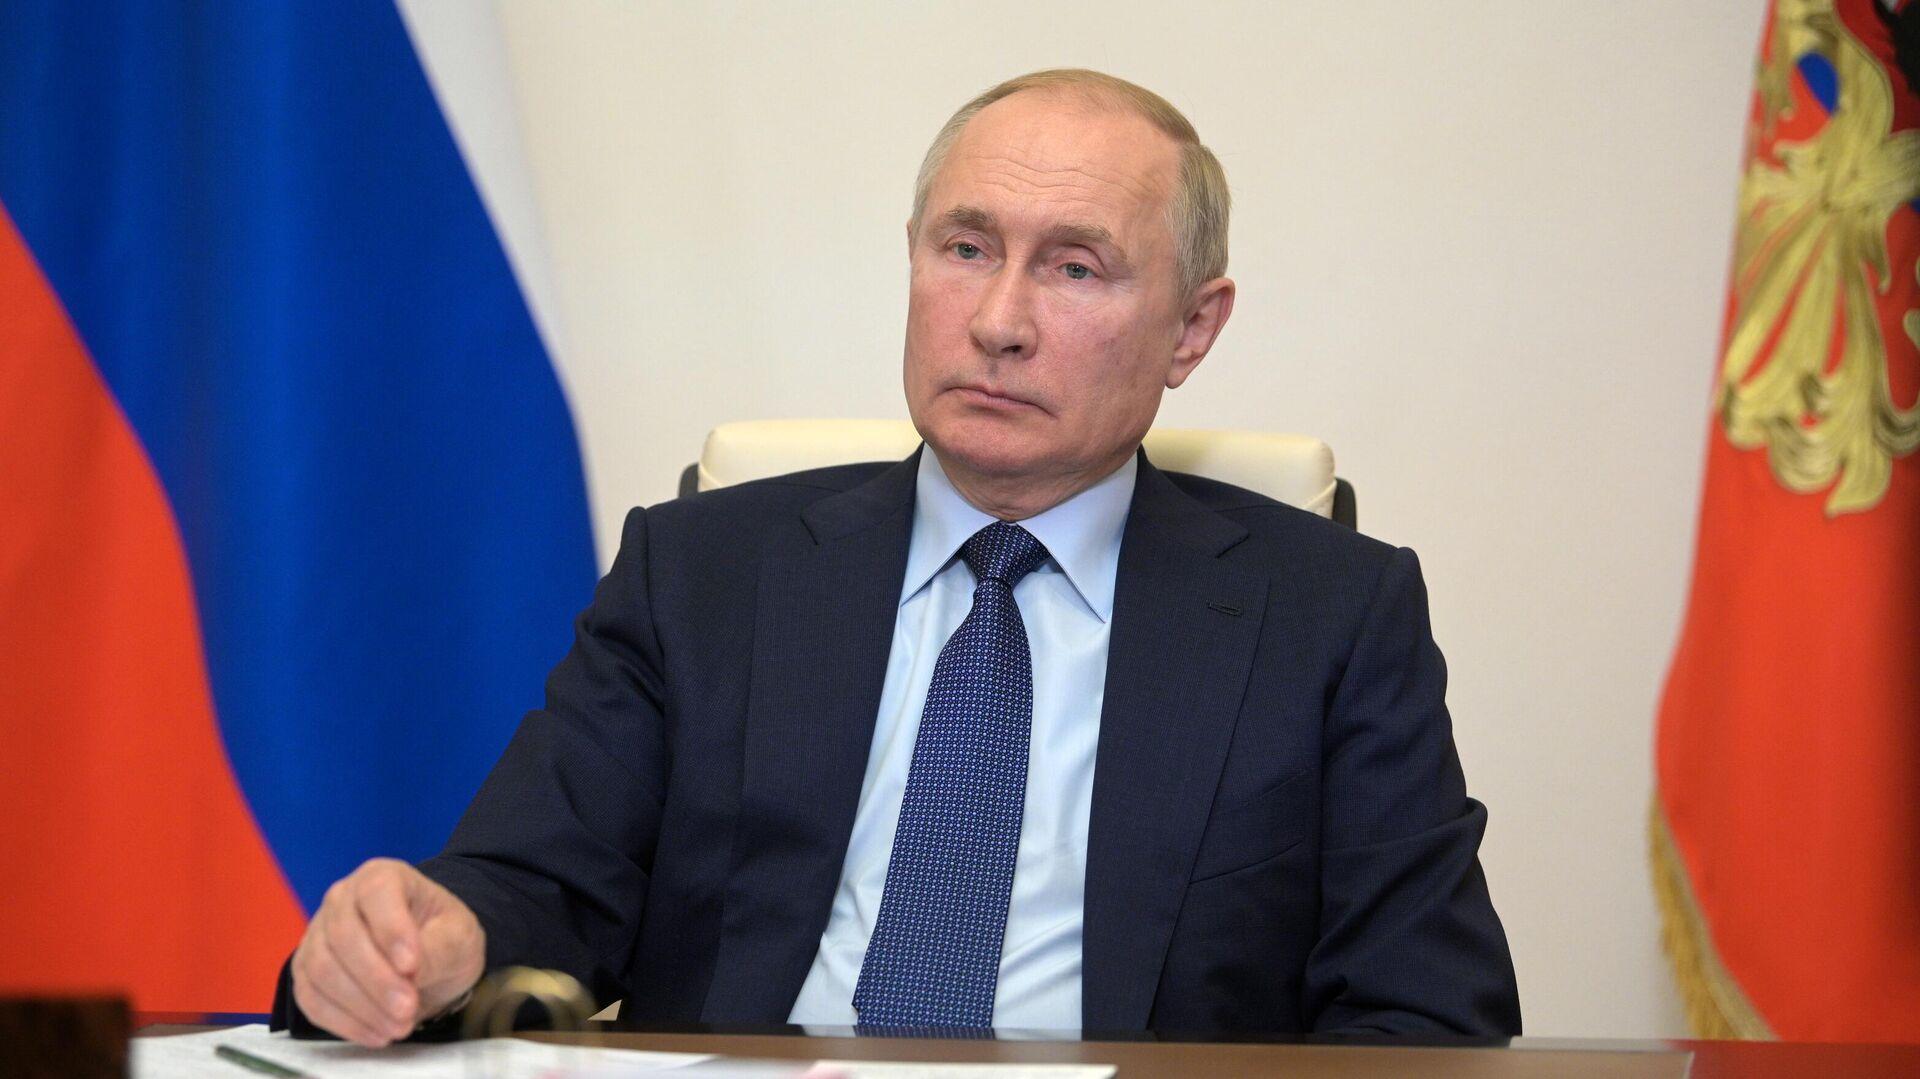 Russlands Präsident Wladimir Putin  - SNA, 1920, 06.10.2021